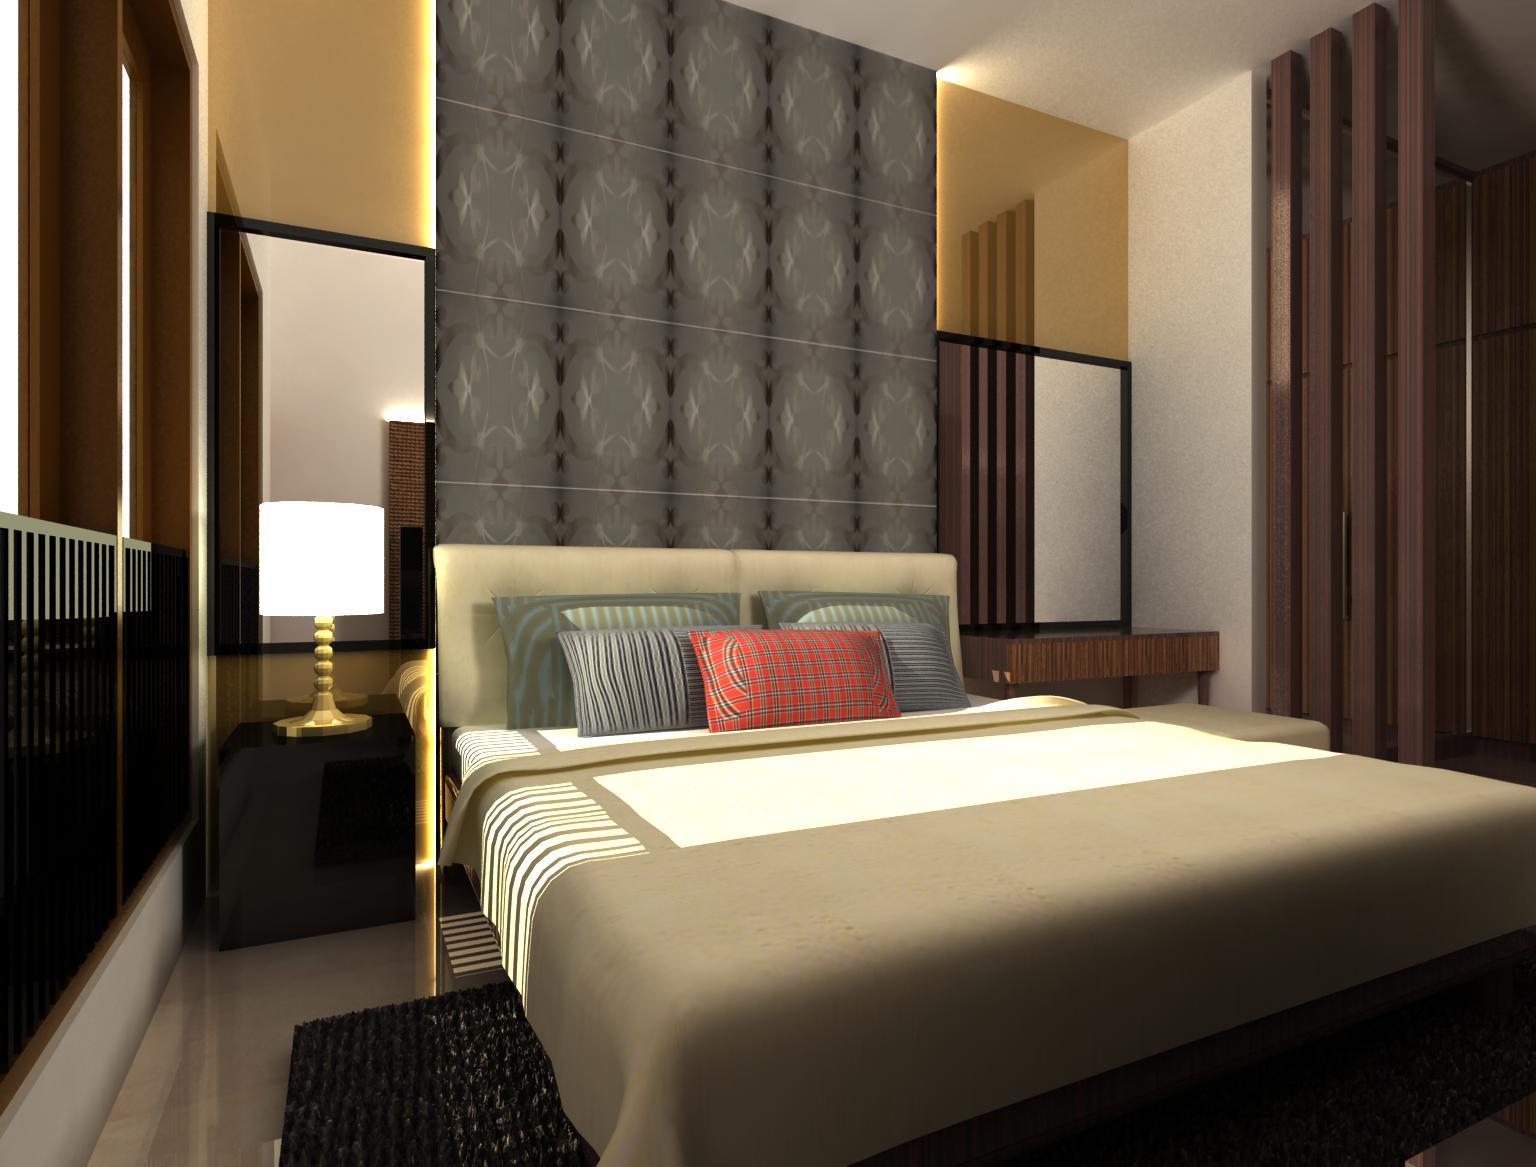 desain kamar tidur 3x4 | desain rumah